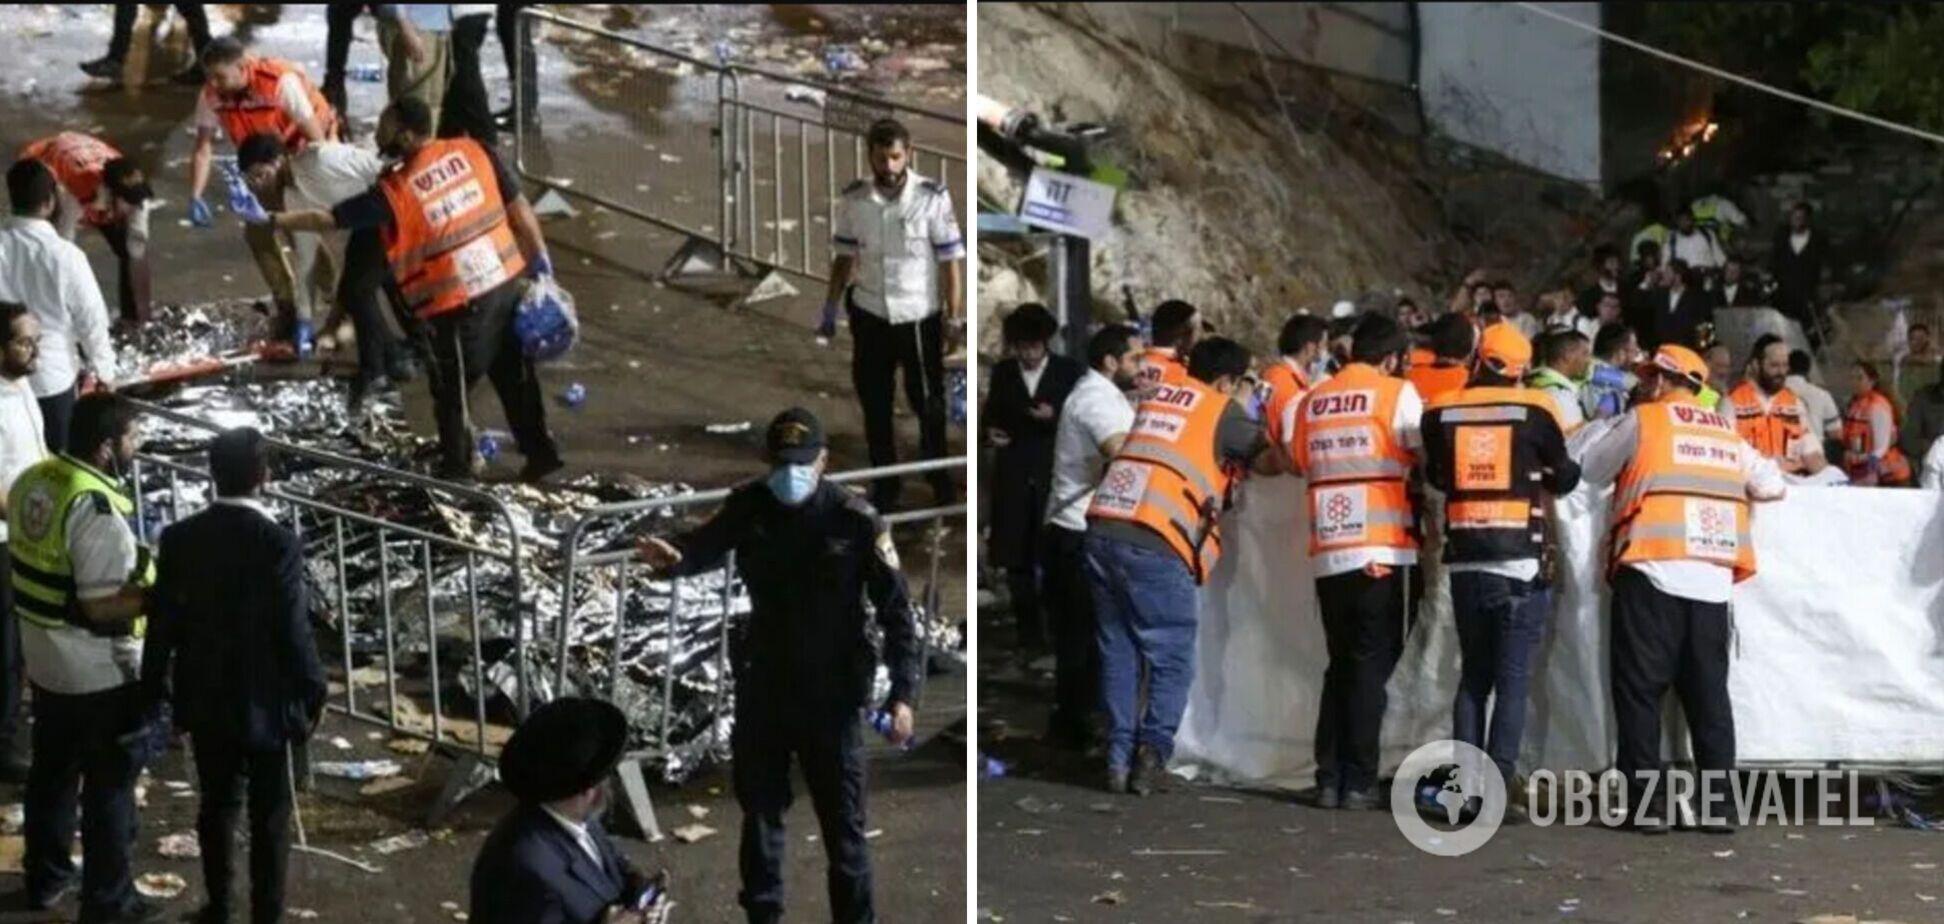 Побывавший на месте смертельной давки в Израиле врач рассказал, почему произошла трагедия